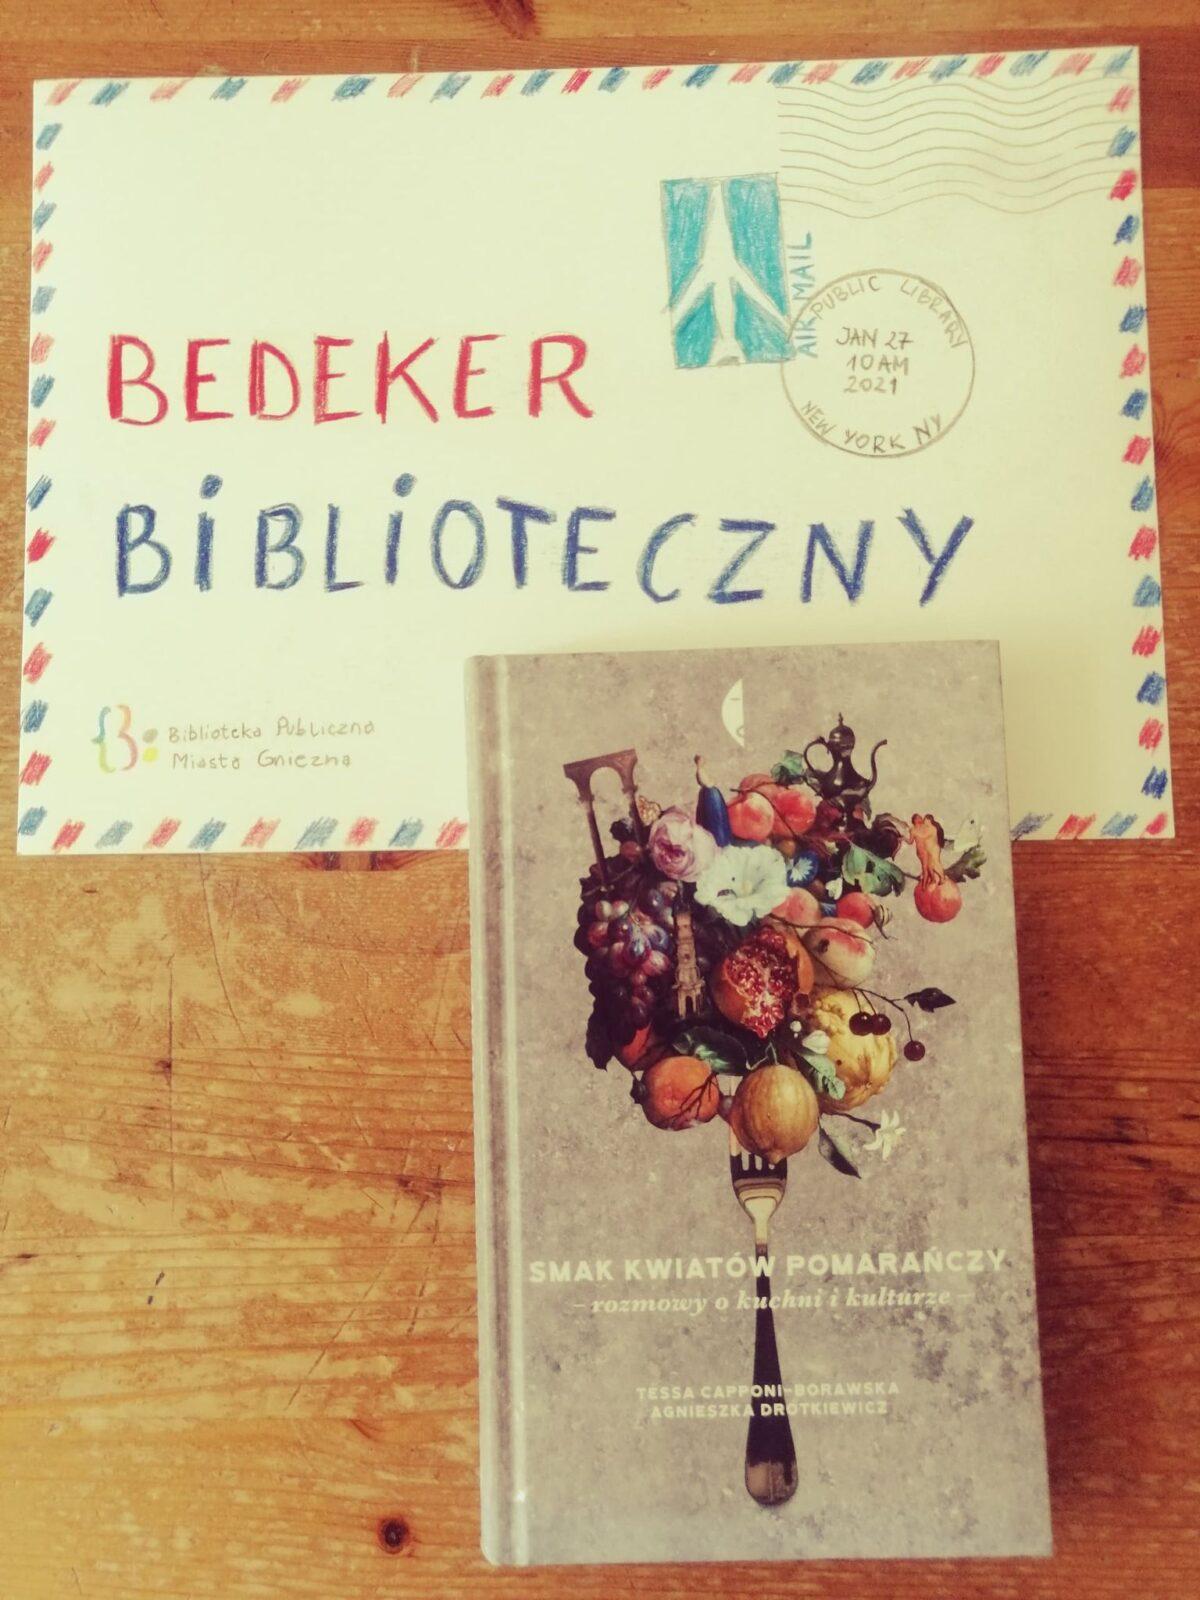 Bedeker biblioteczny – Florencja